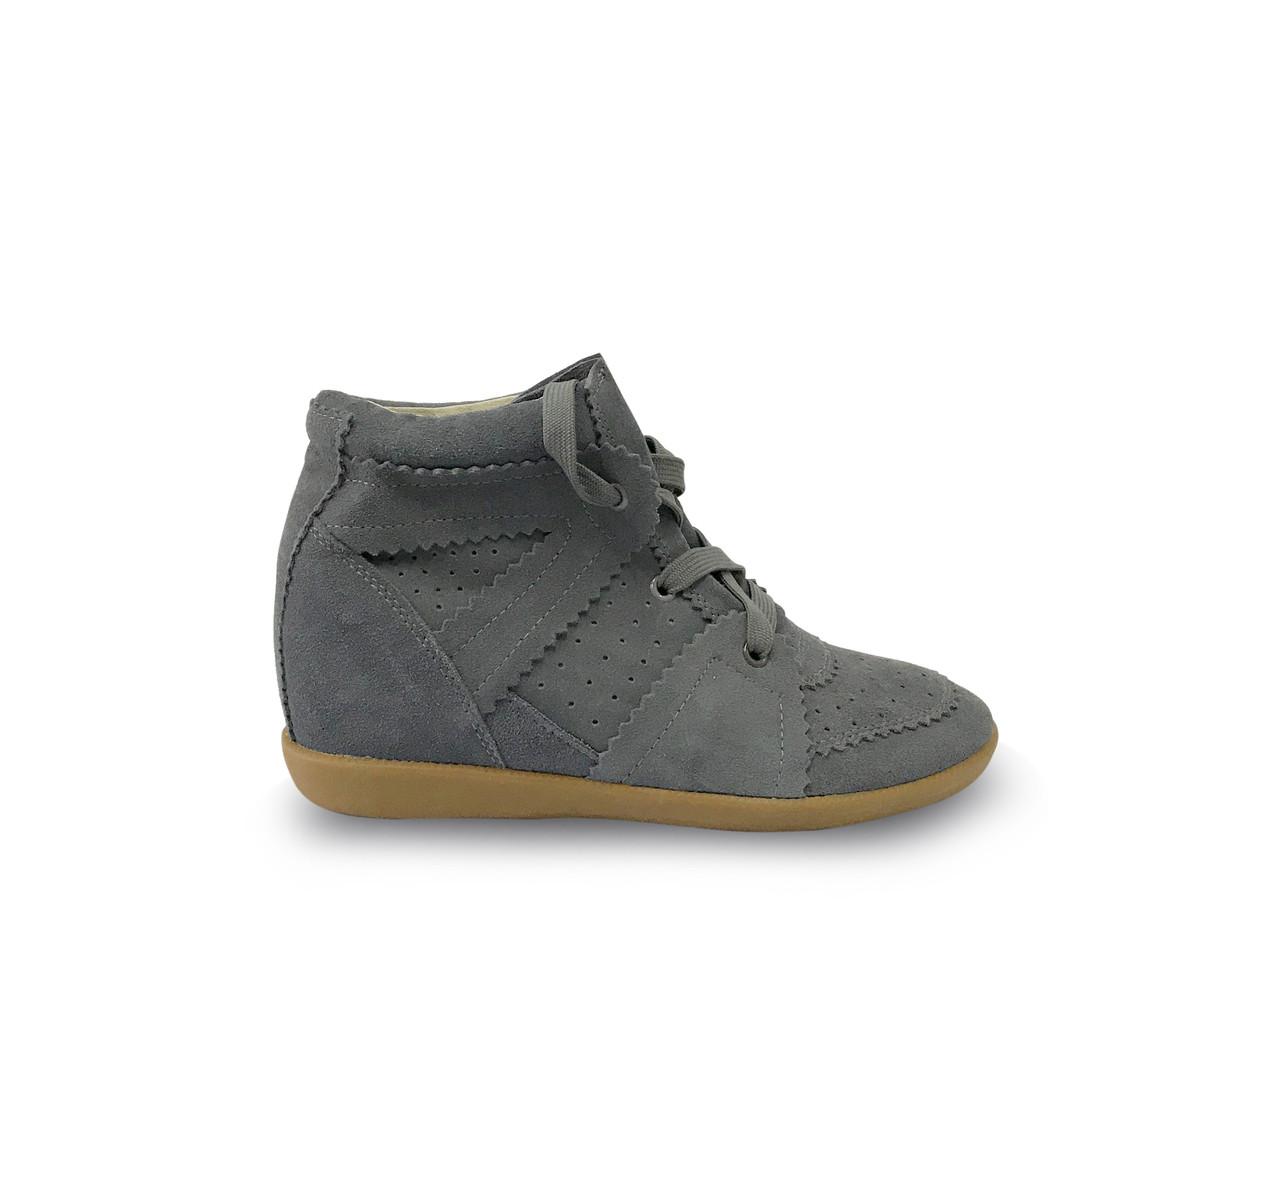 Сникеры женские Изабель Маран Bobby Sneakers на шнурках, серые замшевые